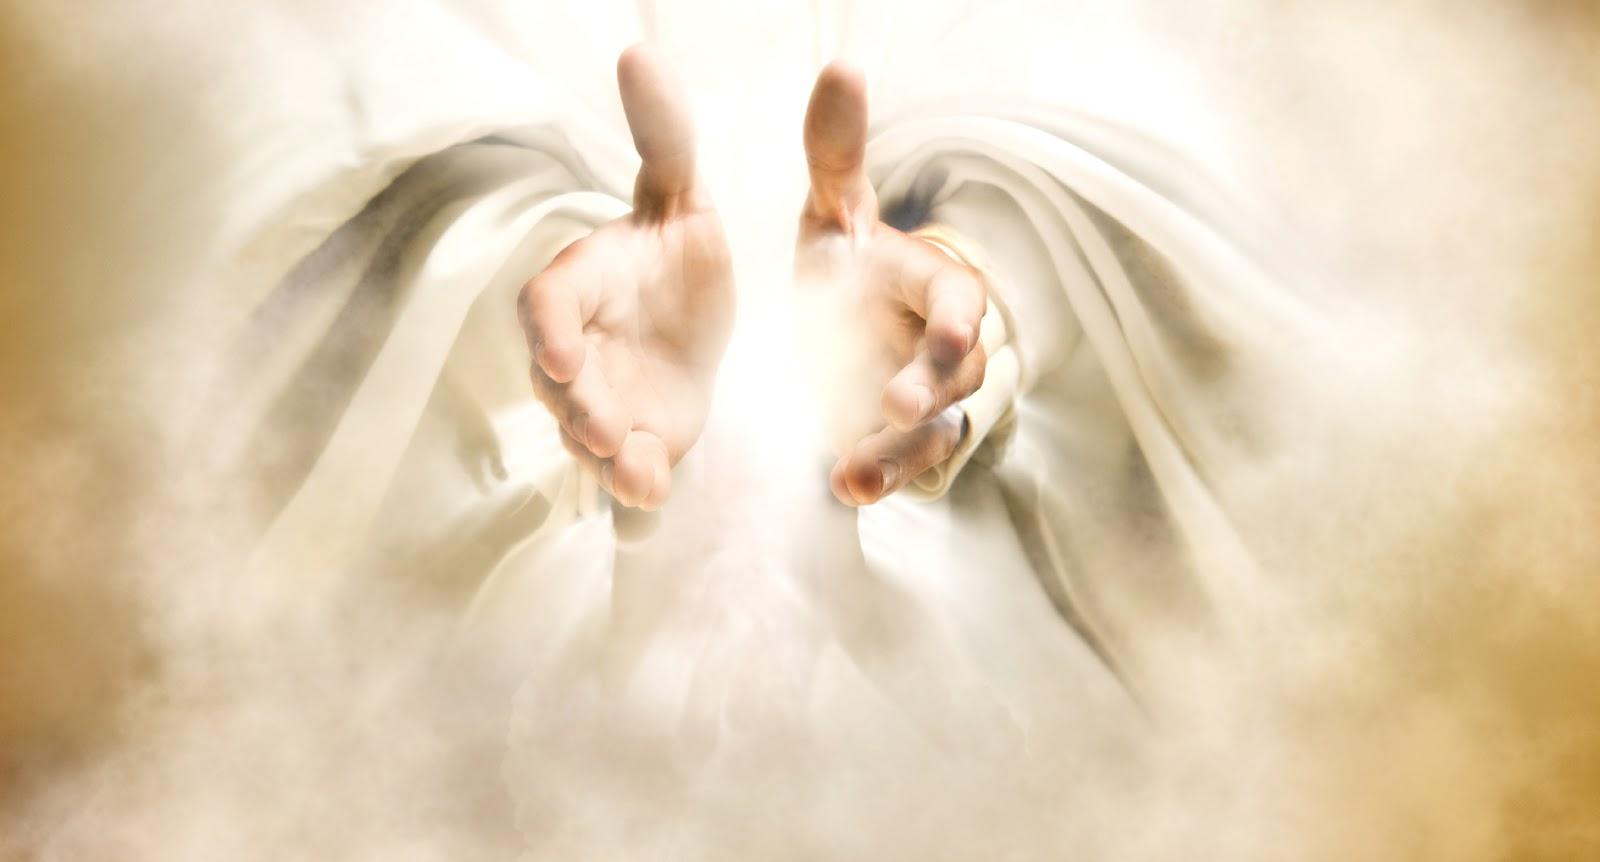 Gods clipart open hand Healing Jesus Hands God's Cliparts